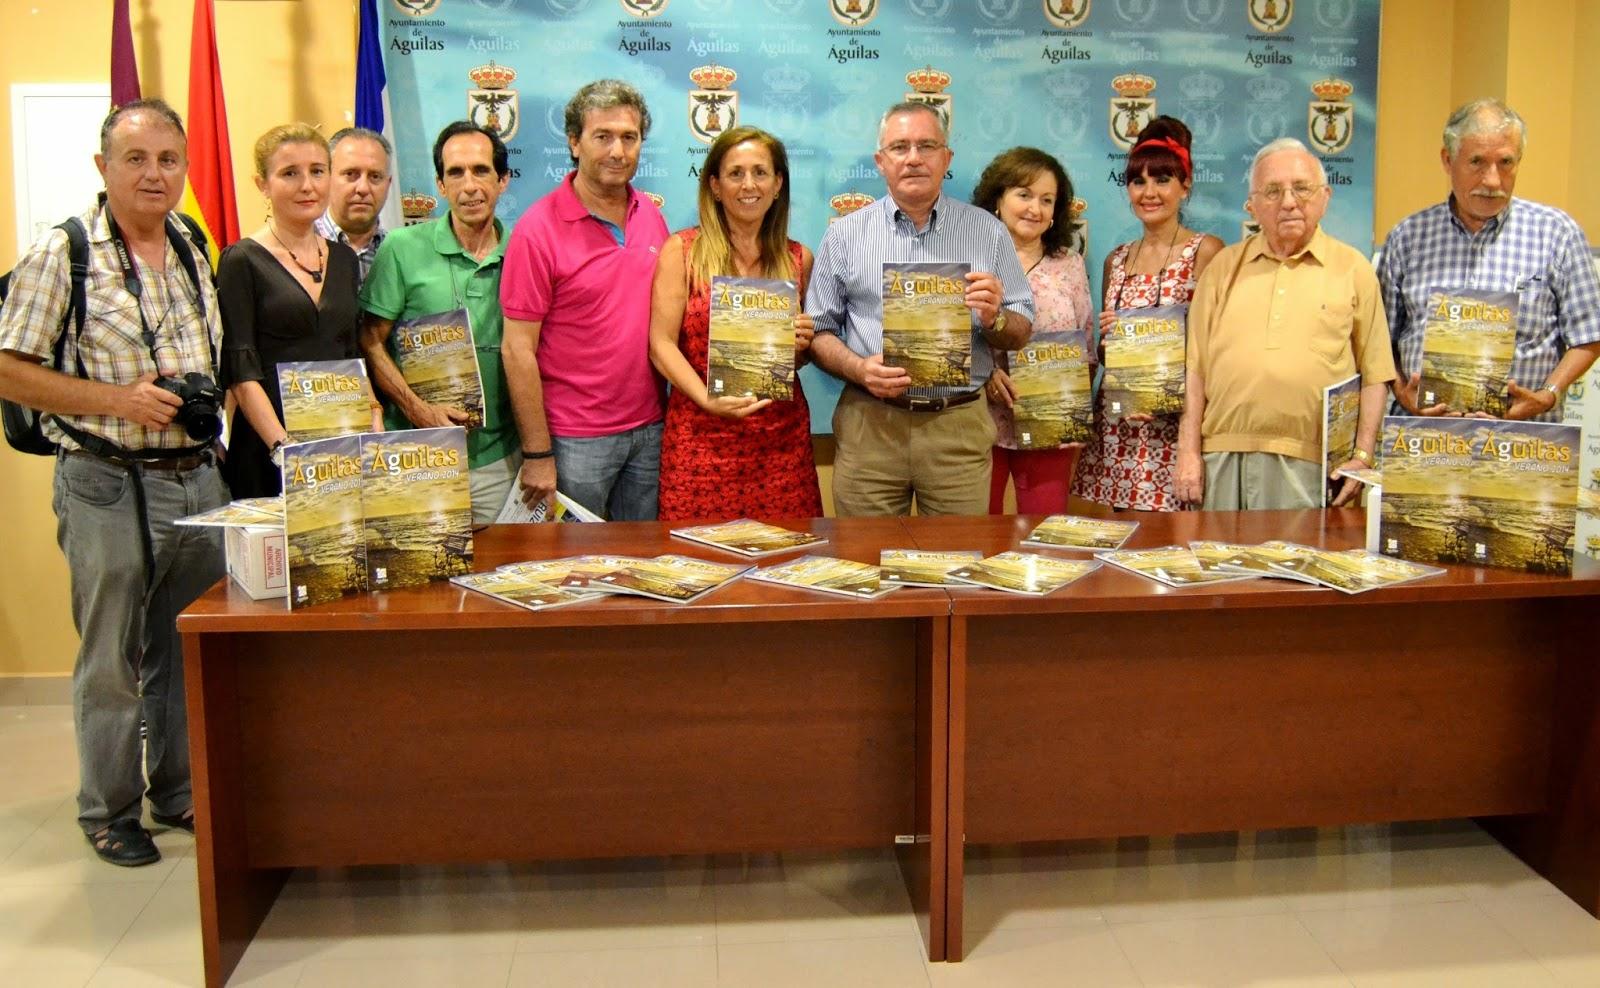 Guilas radio 91 4 fm el libro del verano 2014 ya est for Oficina turismo aguilas